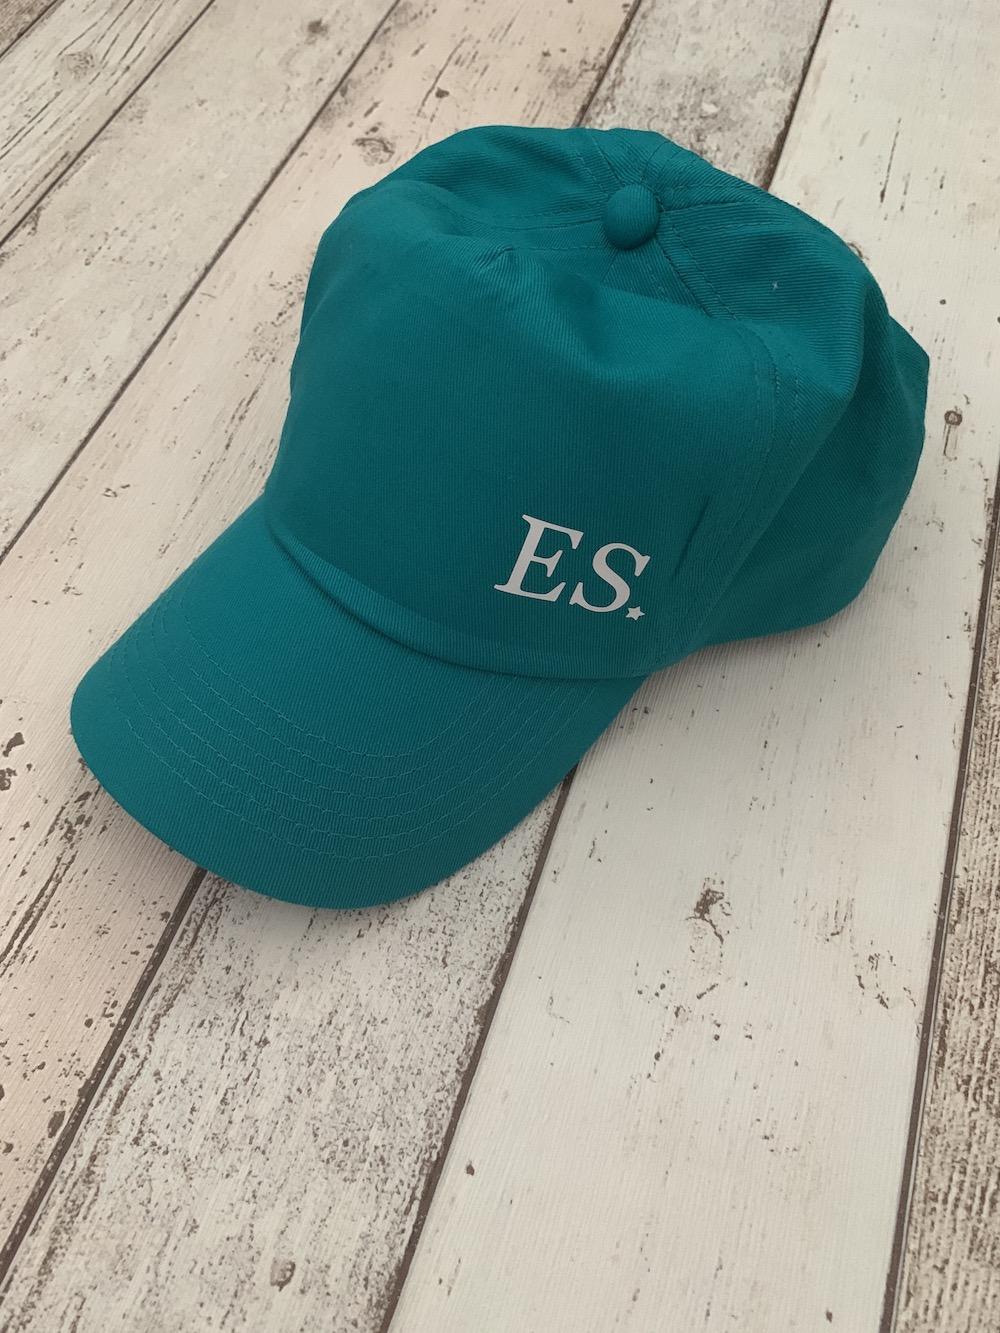 Personalised Initials Cap – Green